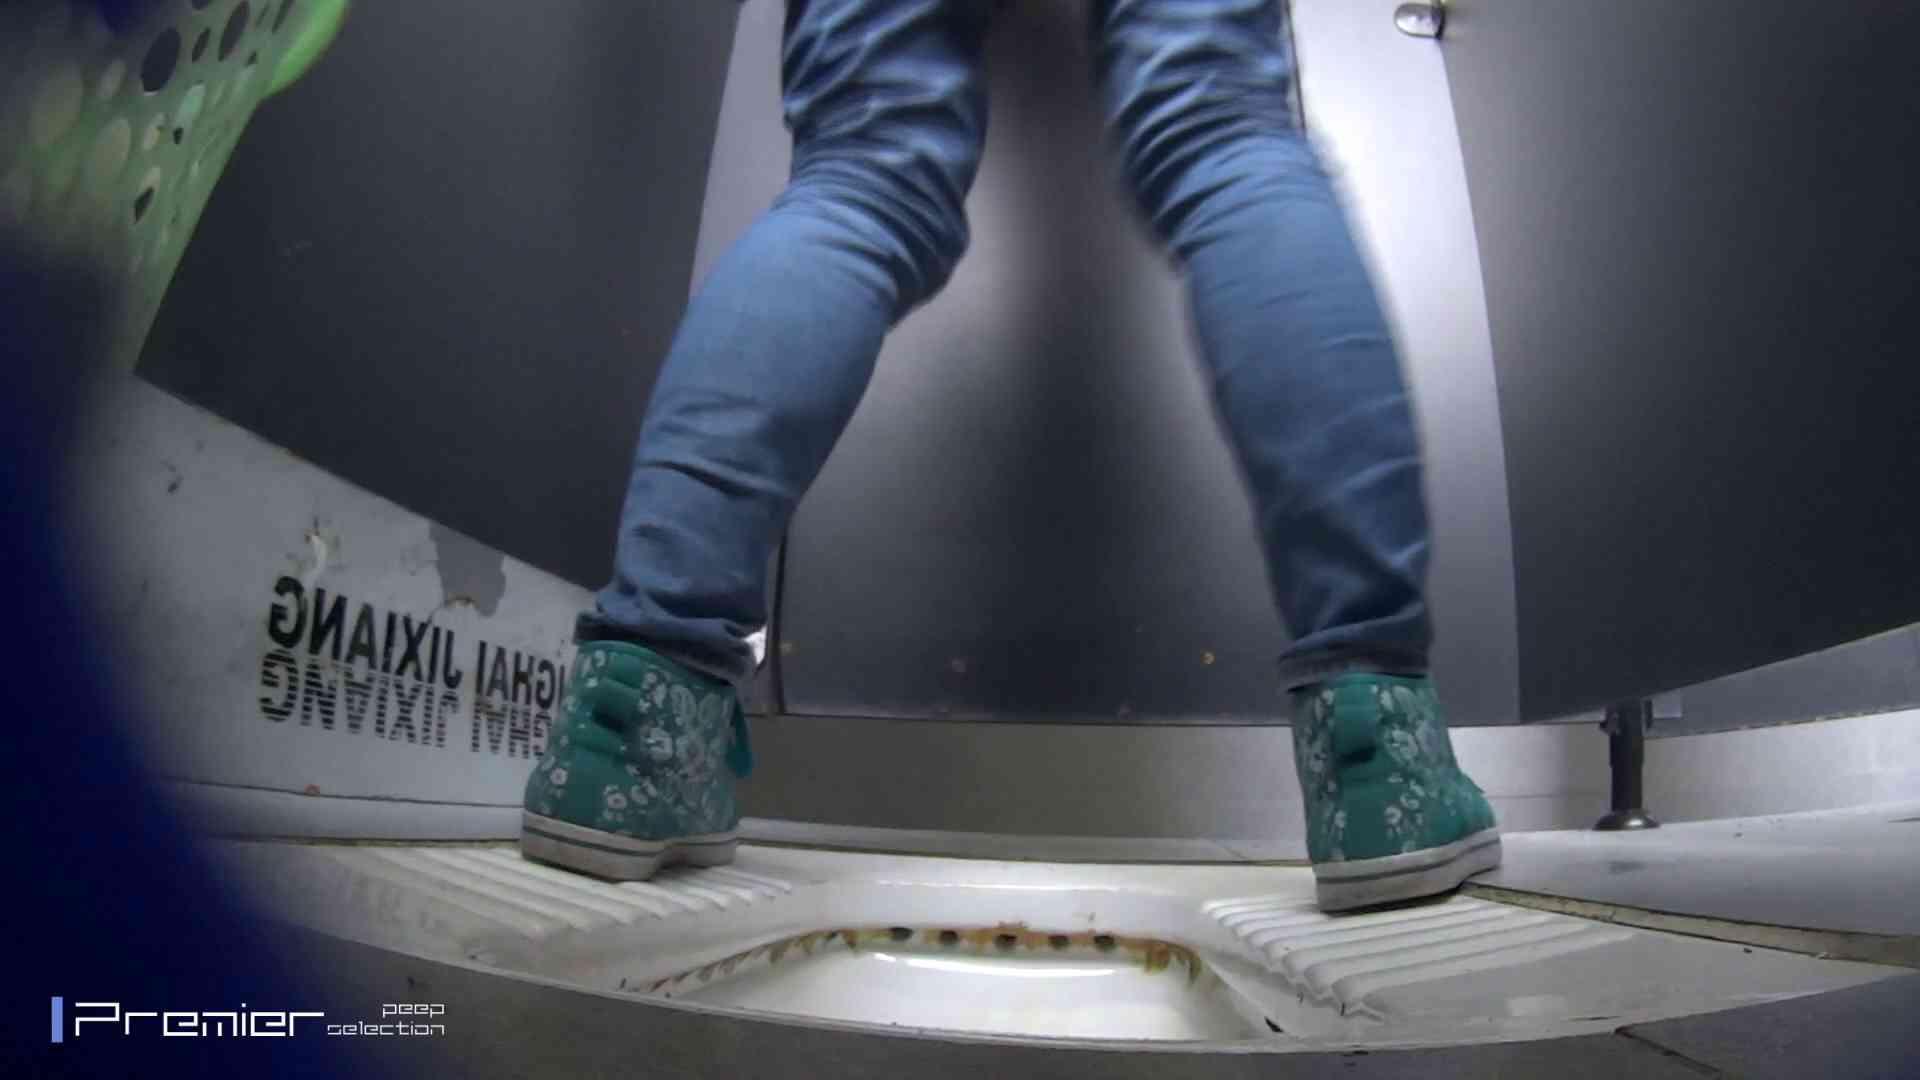 ポチャが多めの洗面所 大学休憩時間の洗面所事情45 ポチャ体型 スケベ動画紹介 76画像 71